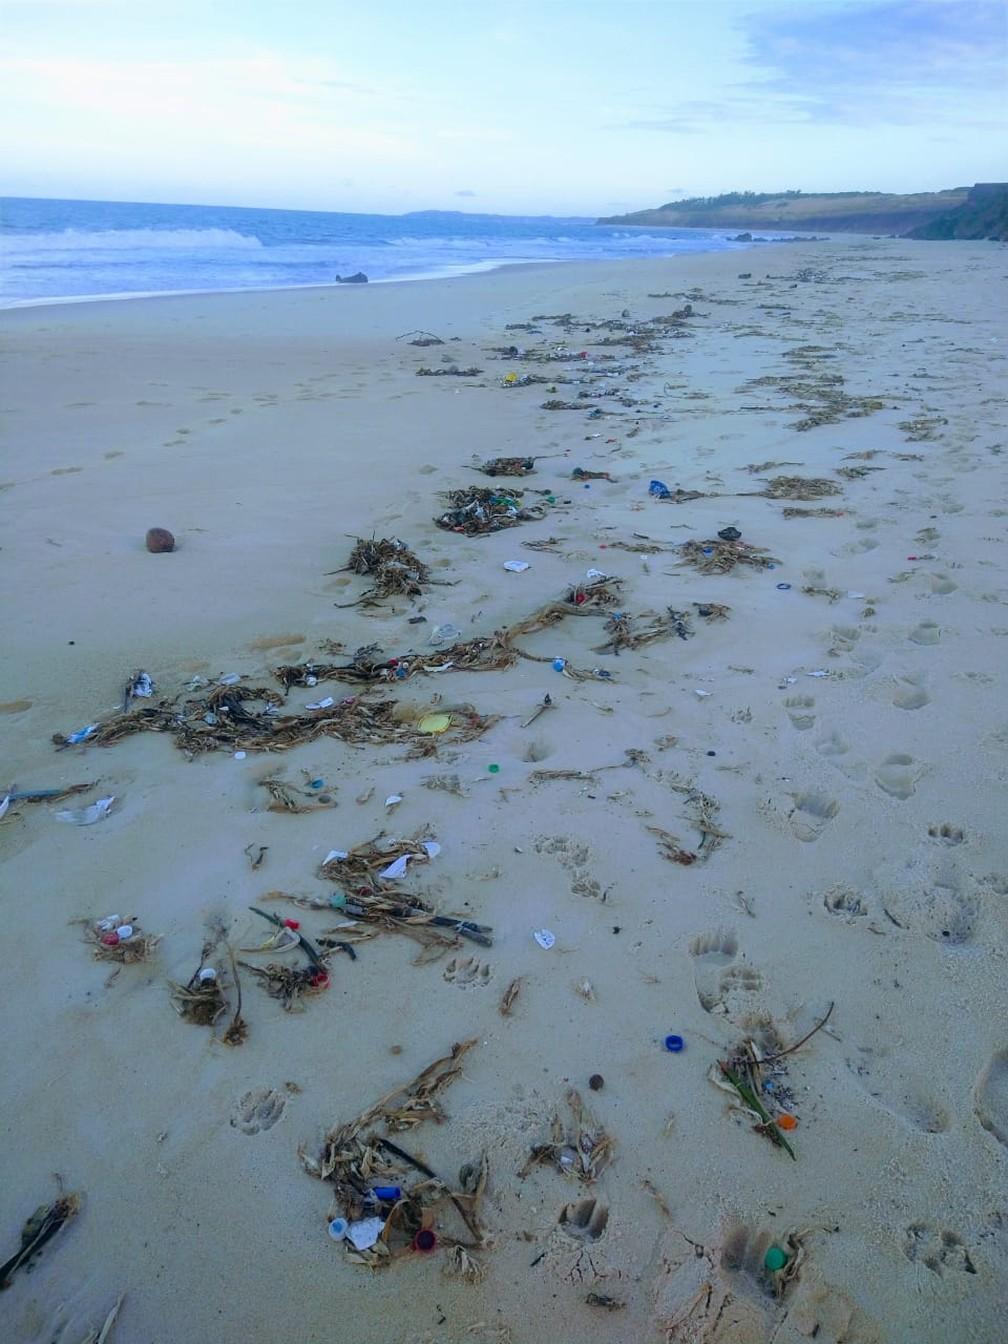 Meia tonelada de lixo é encontrada na praia da Pipa e prefeitura avalia  impacto em área de desova de tartarugas | Rio Grande do Norte | G1